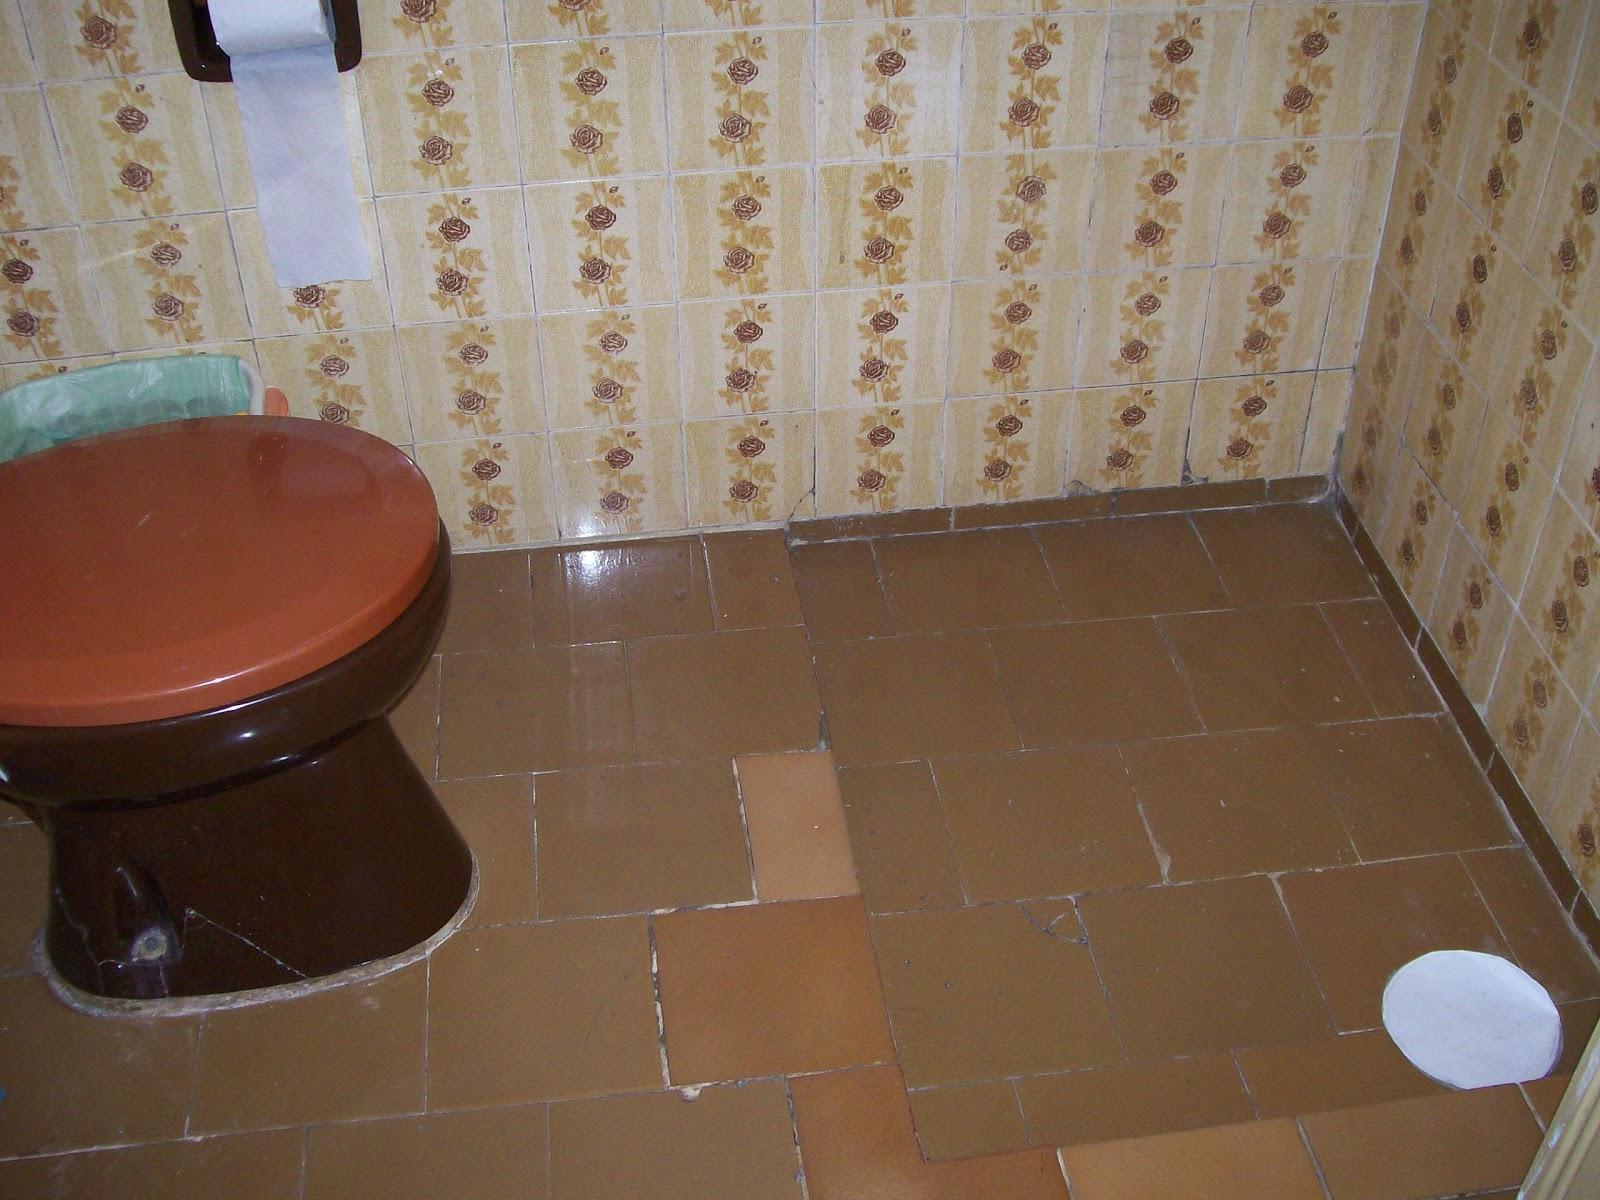 Máh Casati: Reforma banheiro antes e depois #362419 1600 1200